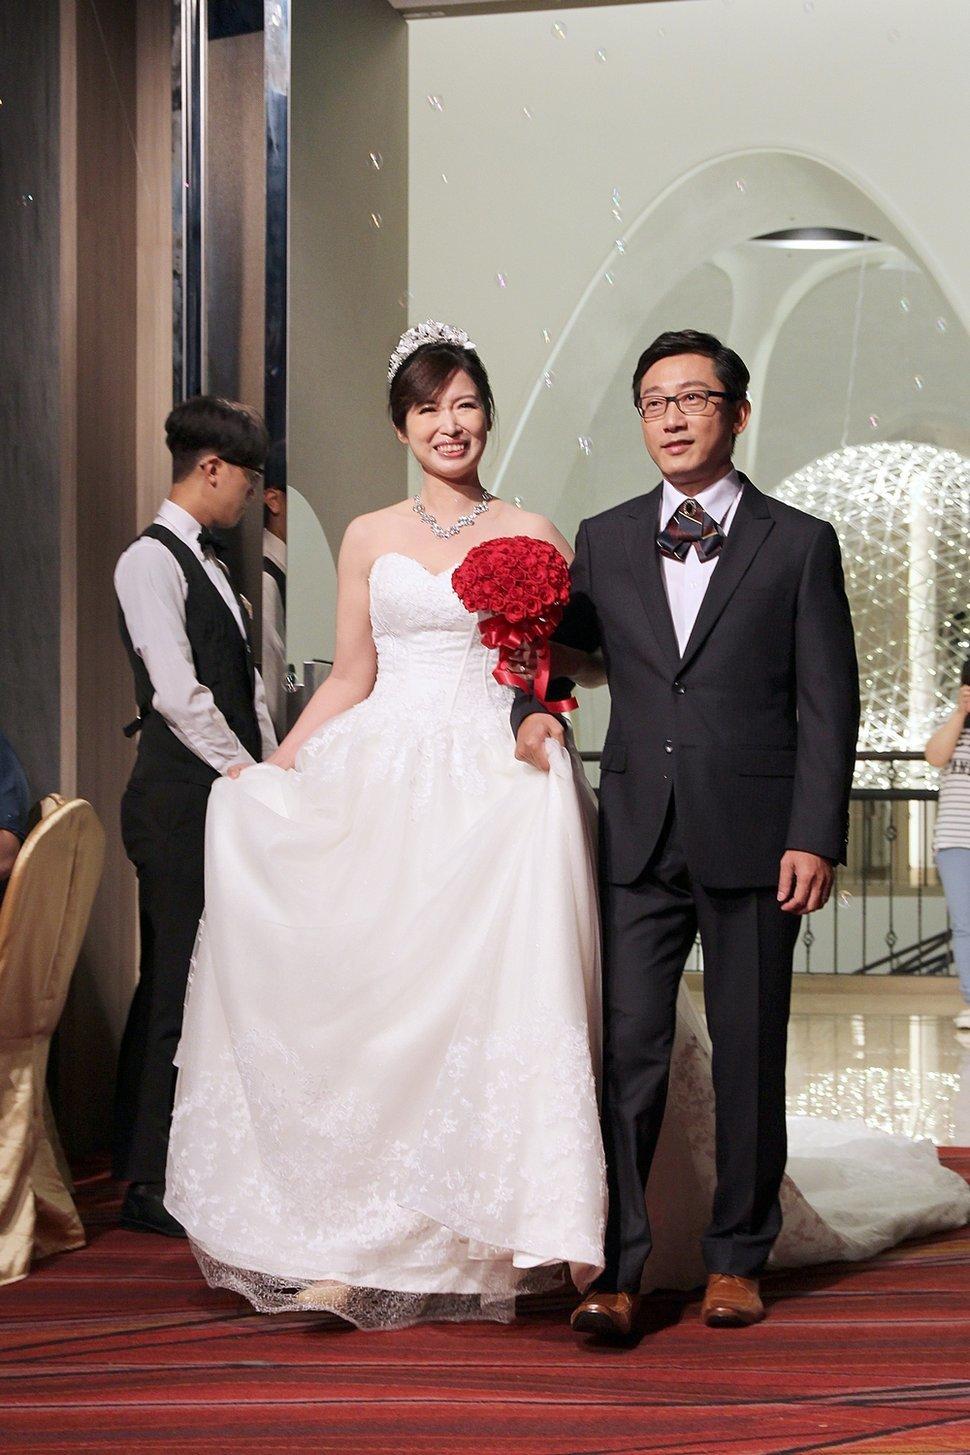 雅鈴&文偉(單午宴)(編號:431179) - 瑞比婚禮紀錄攝影 - 結婚吧一站式婚禮服務平台